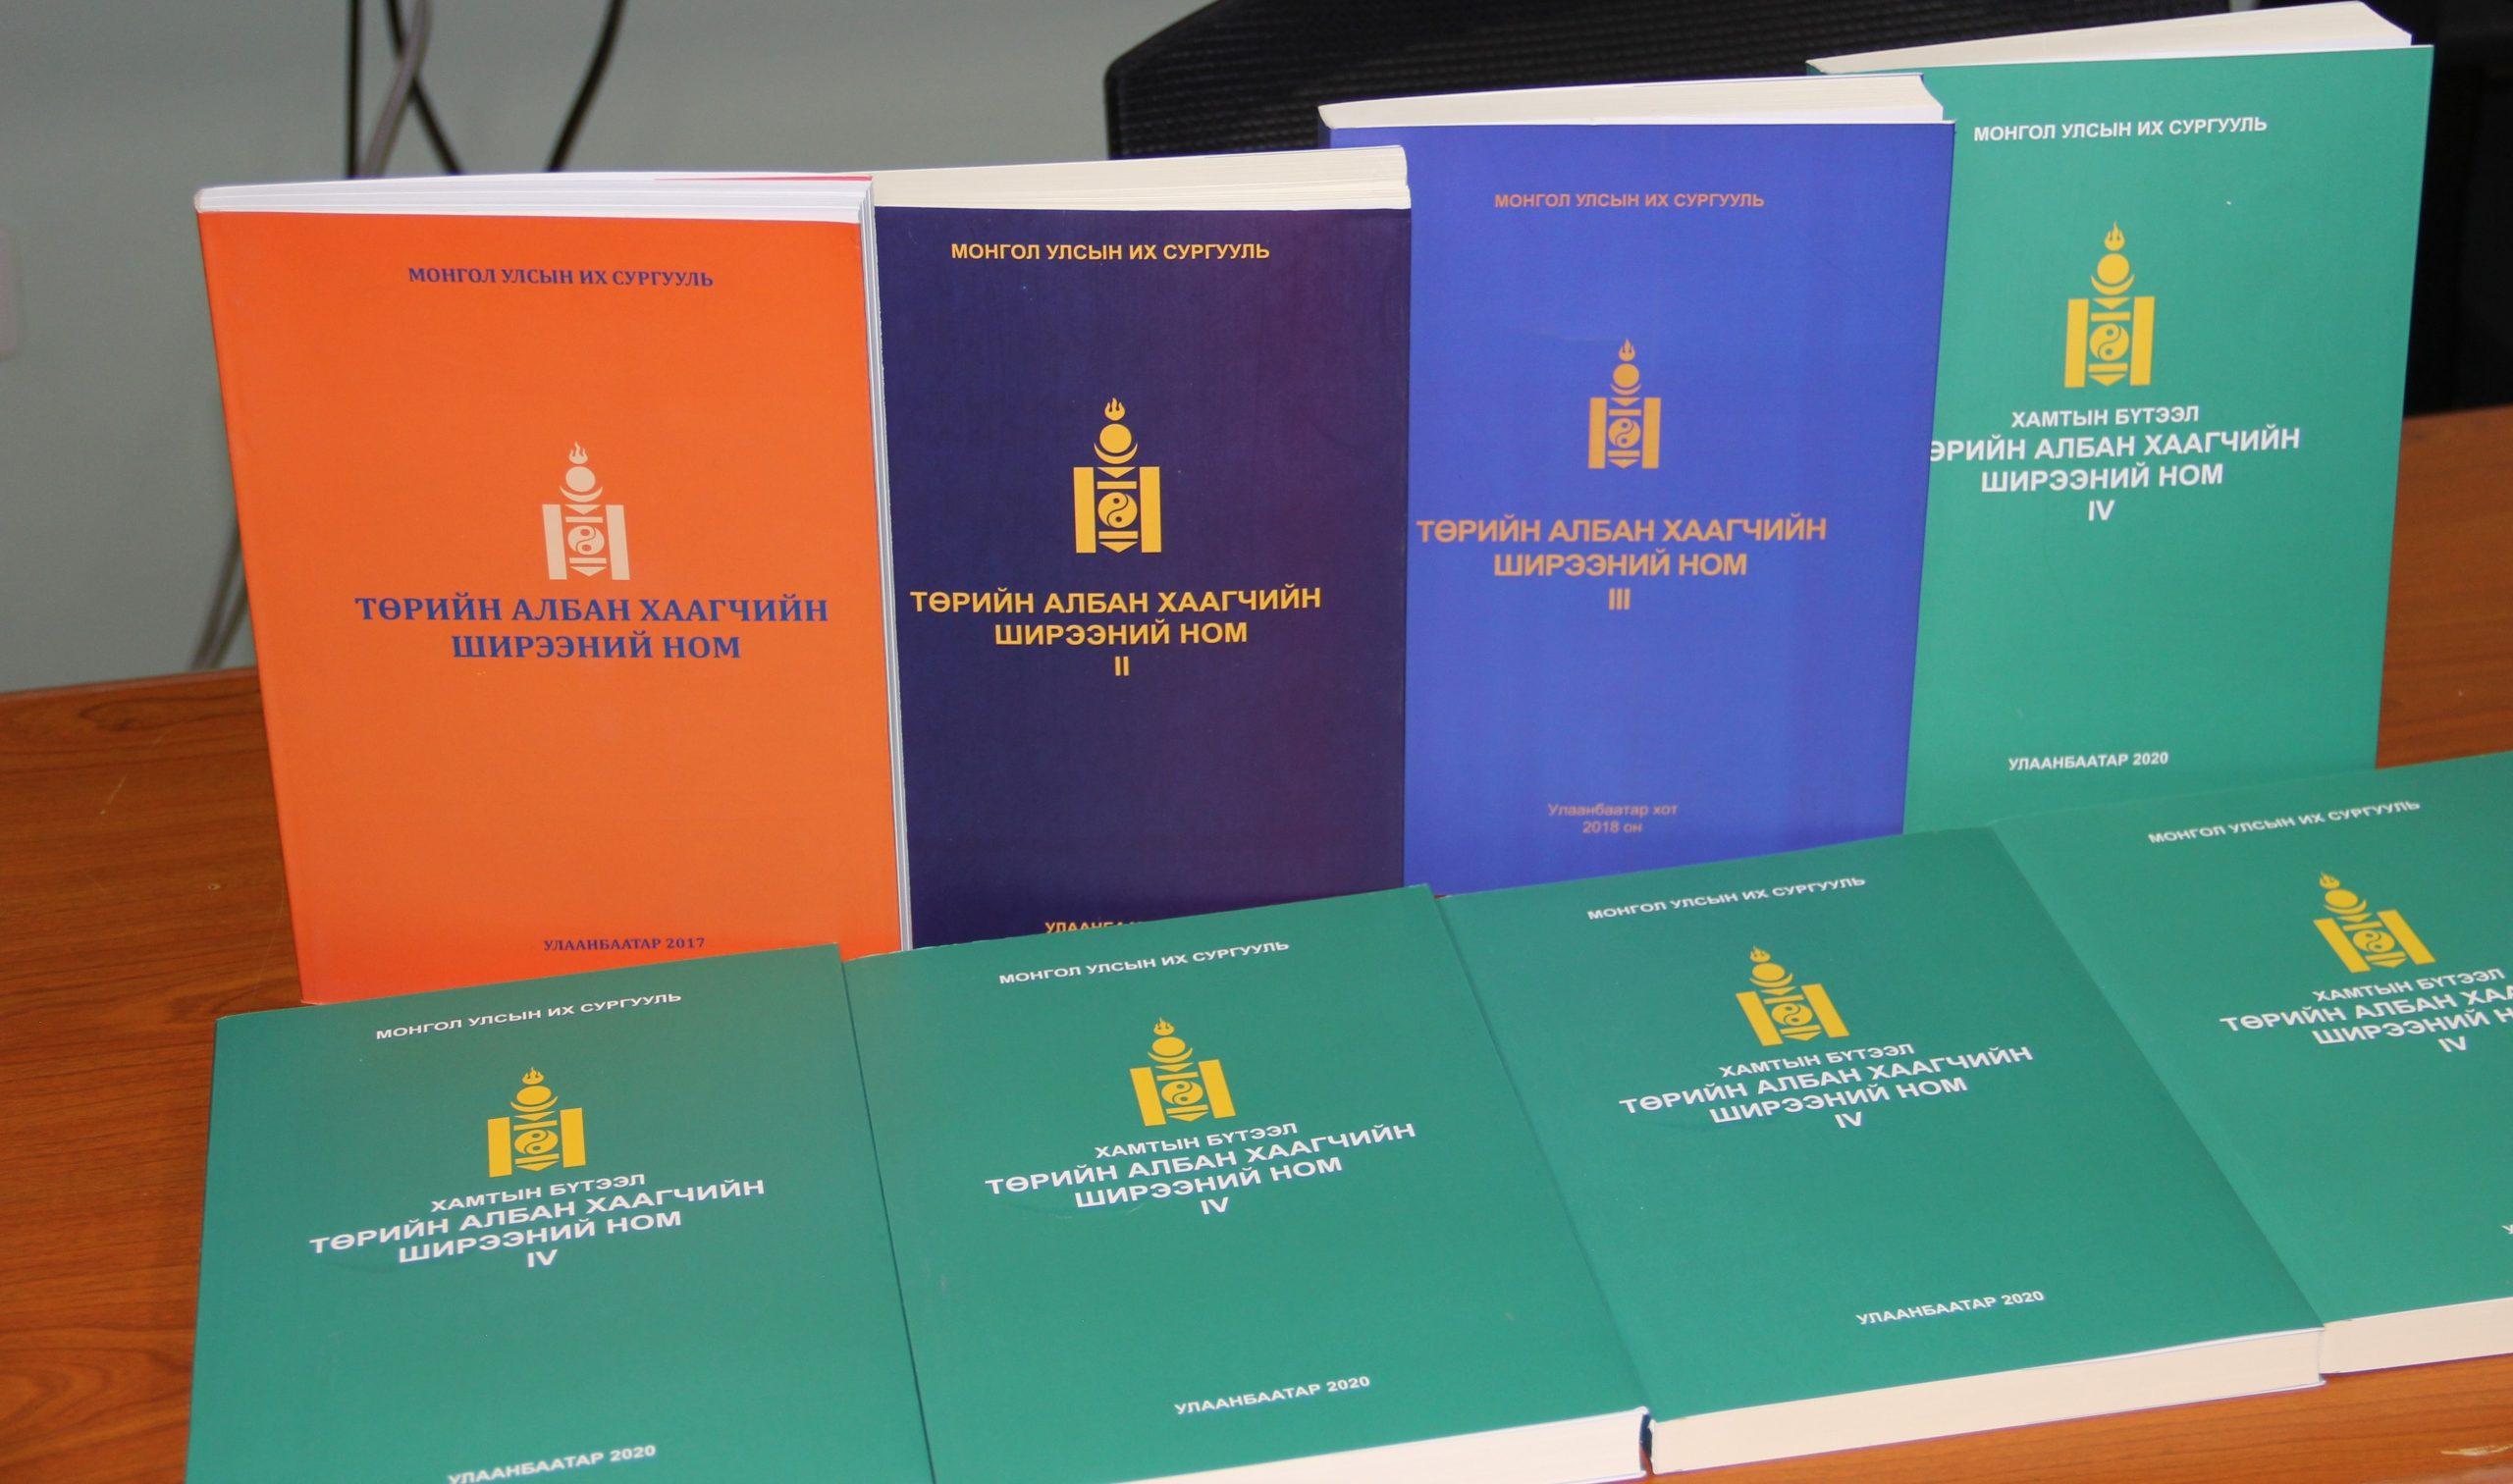 Төрийн албан хаагчийн ширээний ном цувралуудын зураг